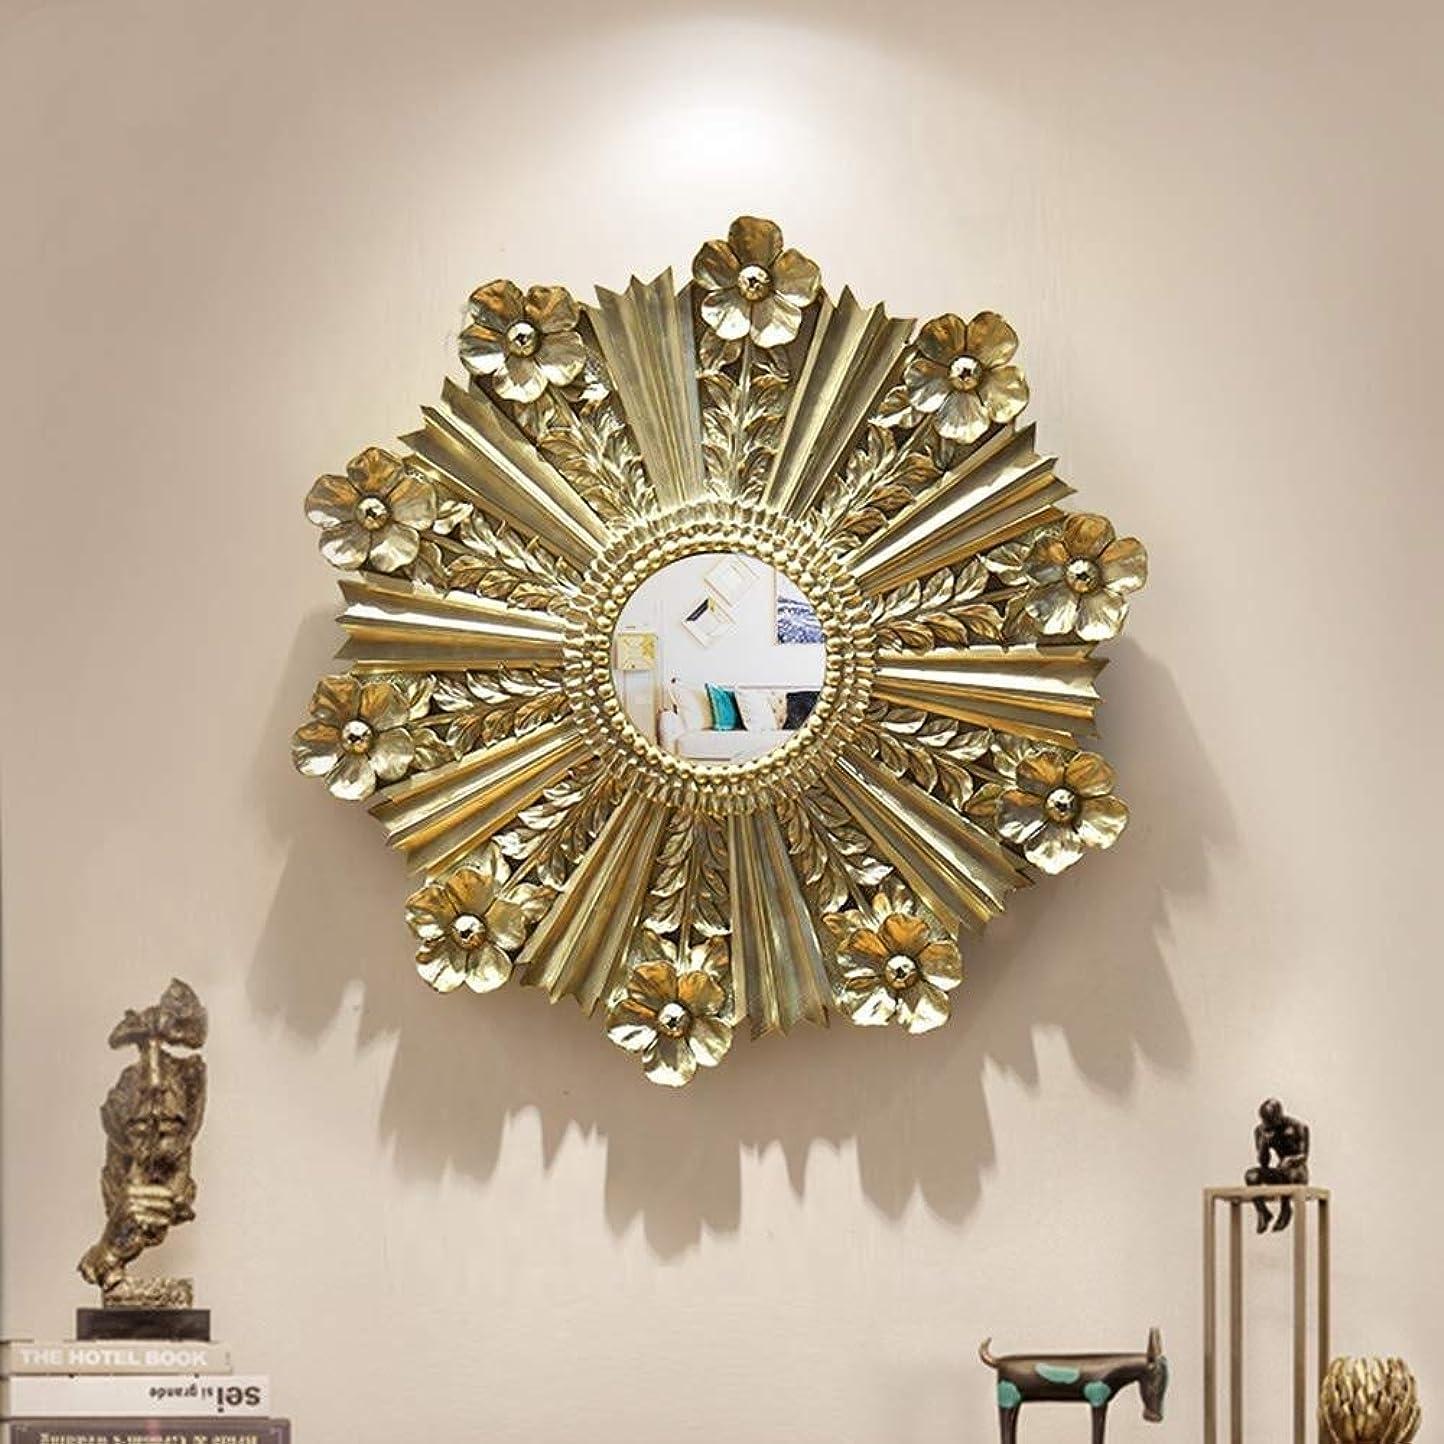 レンドスマートストラトフォードオンエイボン創造的な化粧鏡樹脂の壁鏡、ヨーロッパの壁の装飾鏡、創造的な家、リビングルーム、ポーチ、廊下3D壁掛け装飾鏡入口の装飾鏡